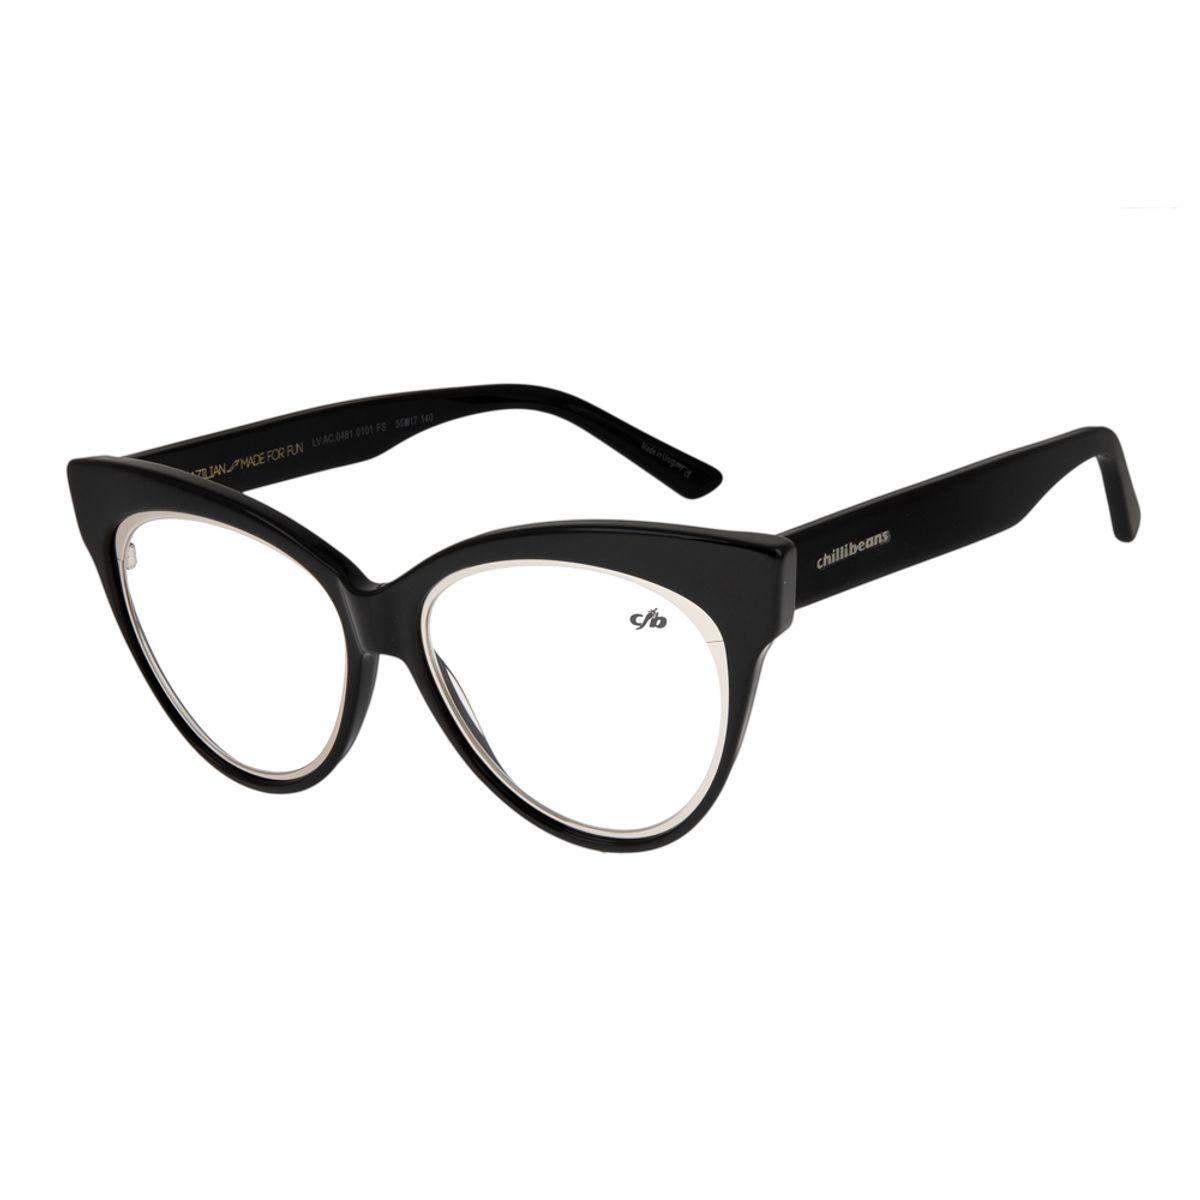 c46353163 Armação para Óculos de Grau Feminina Chilli Beans Gatinho Preto 0481 ...